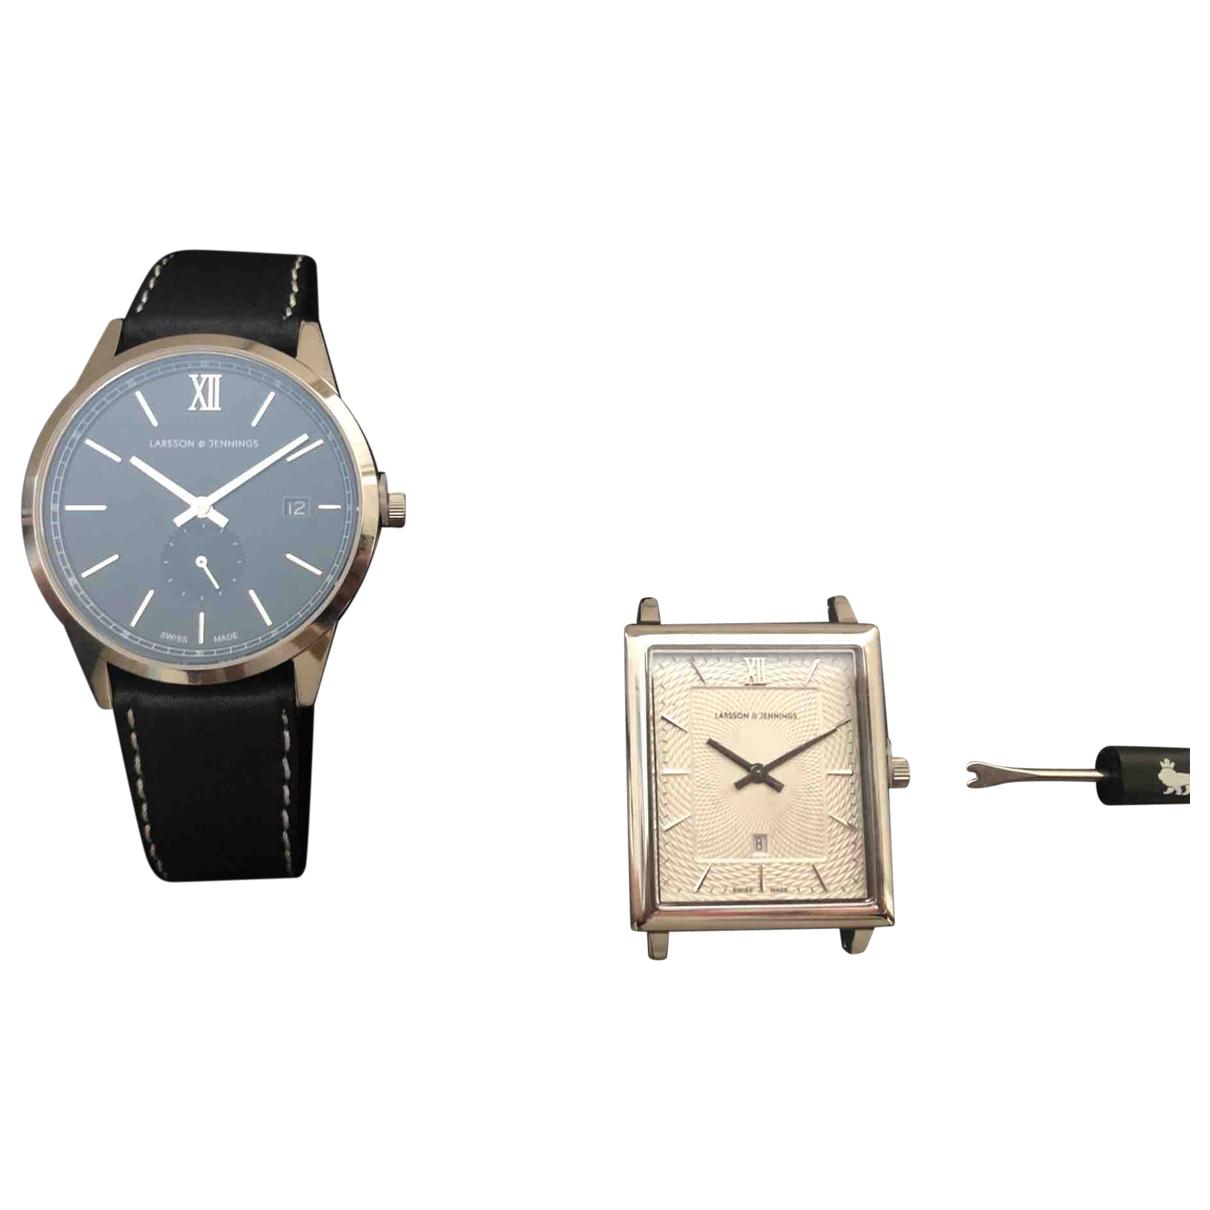 Relojes Larsson & Jennings